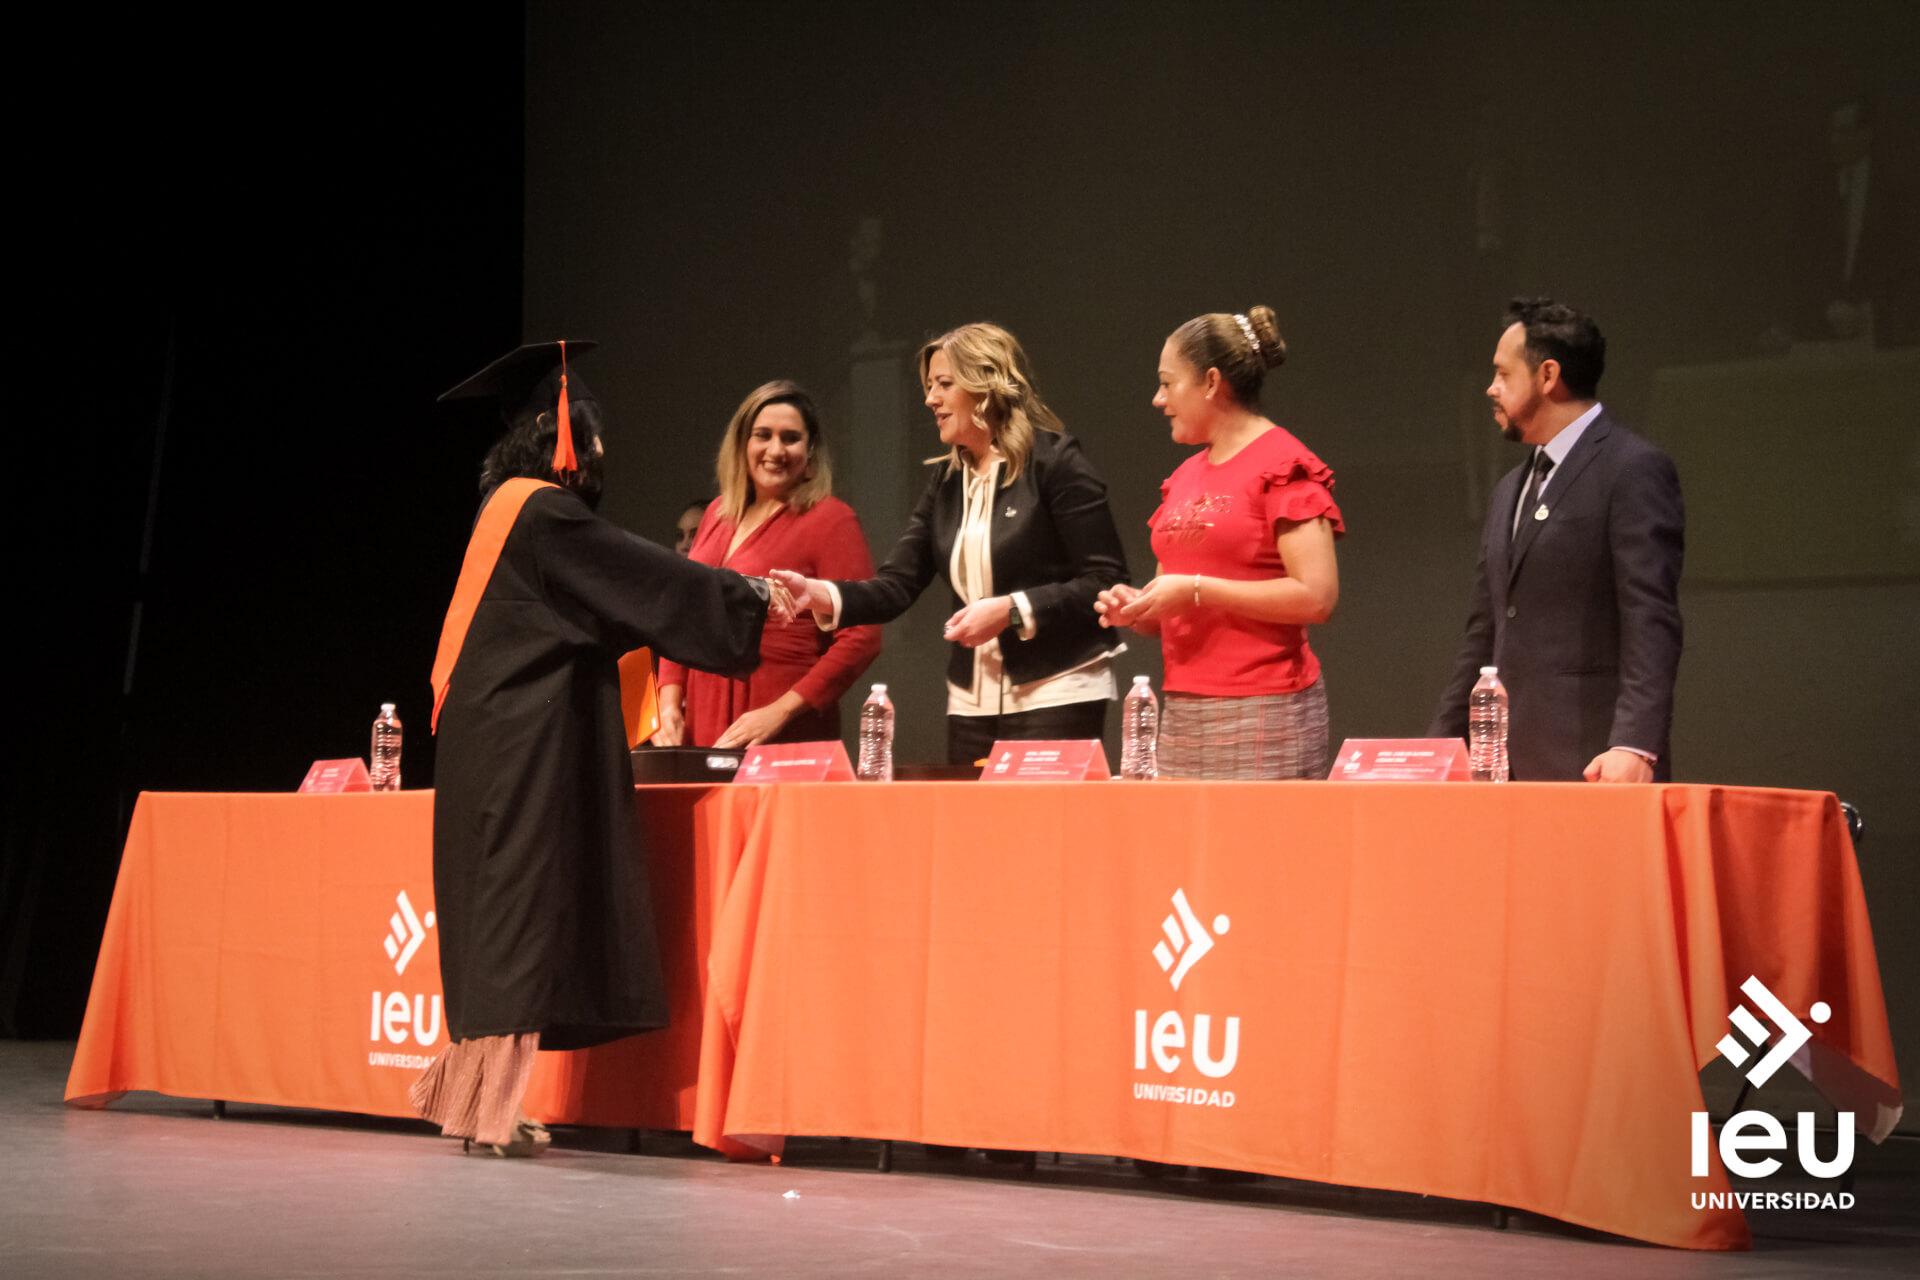 Universidad Ieu Graduacion 2019 8